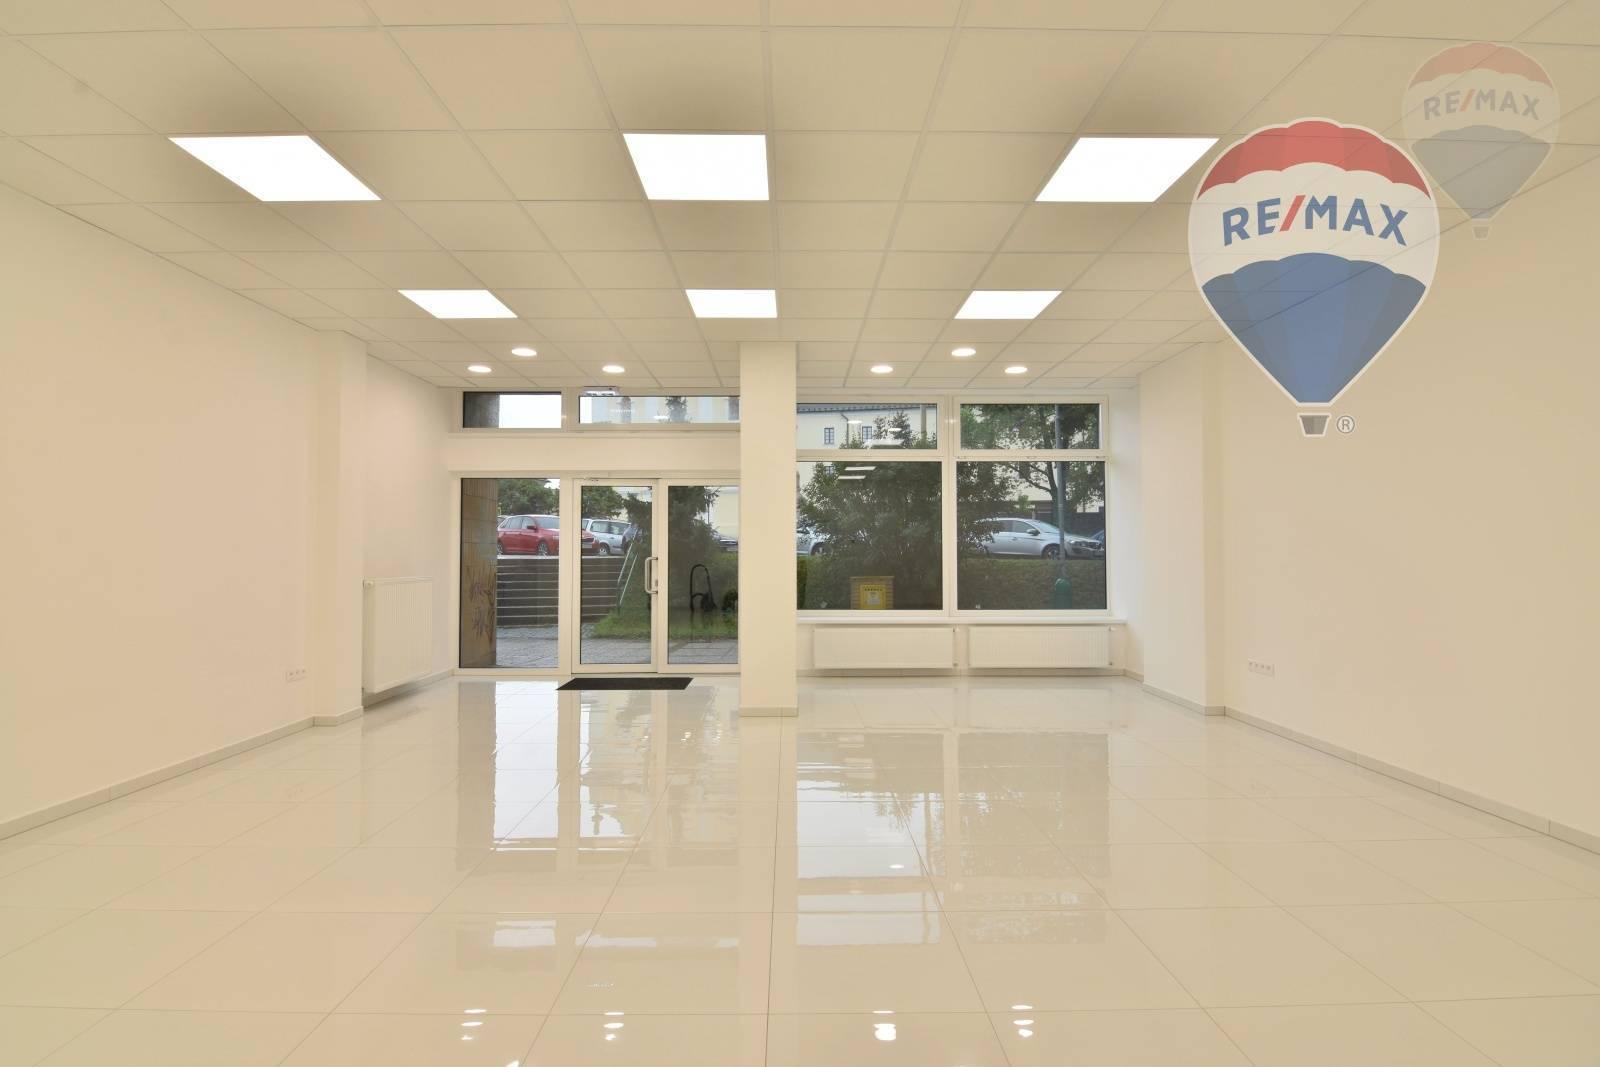 Prenájom komerčného priestoru 77 m2, Prievidza - Nebytový priestor 77m2 Centrum Prievidza